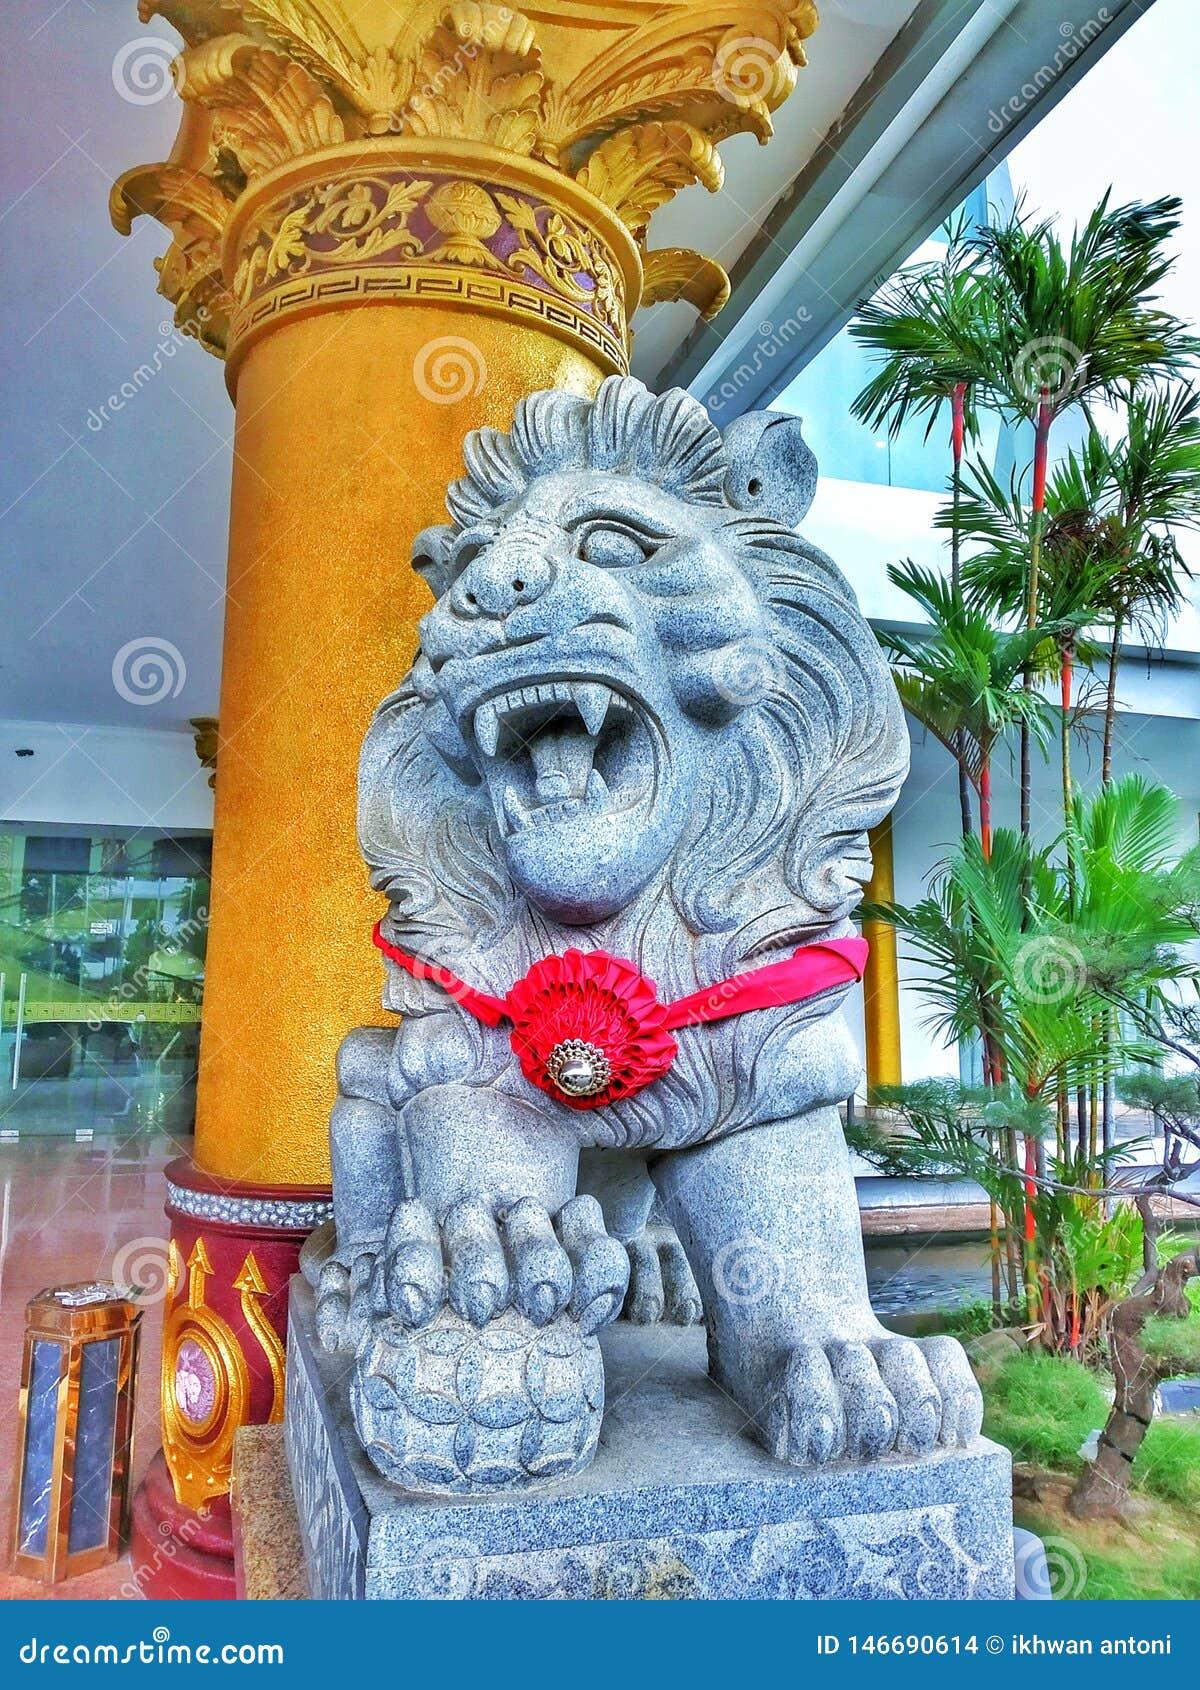 Eine Statue eines Löwes vor dem Hotel